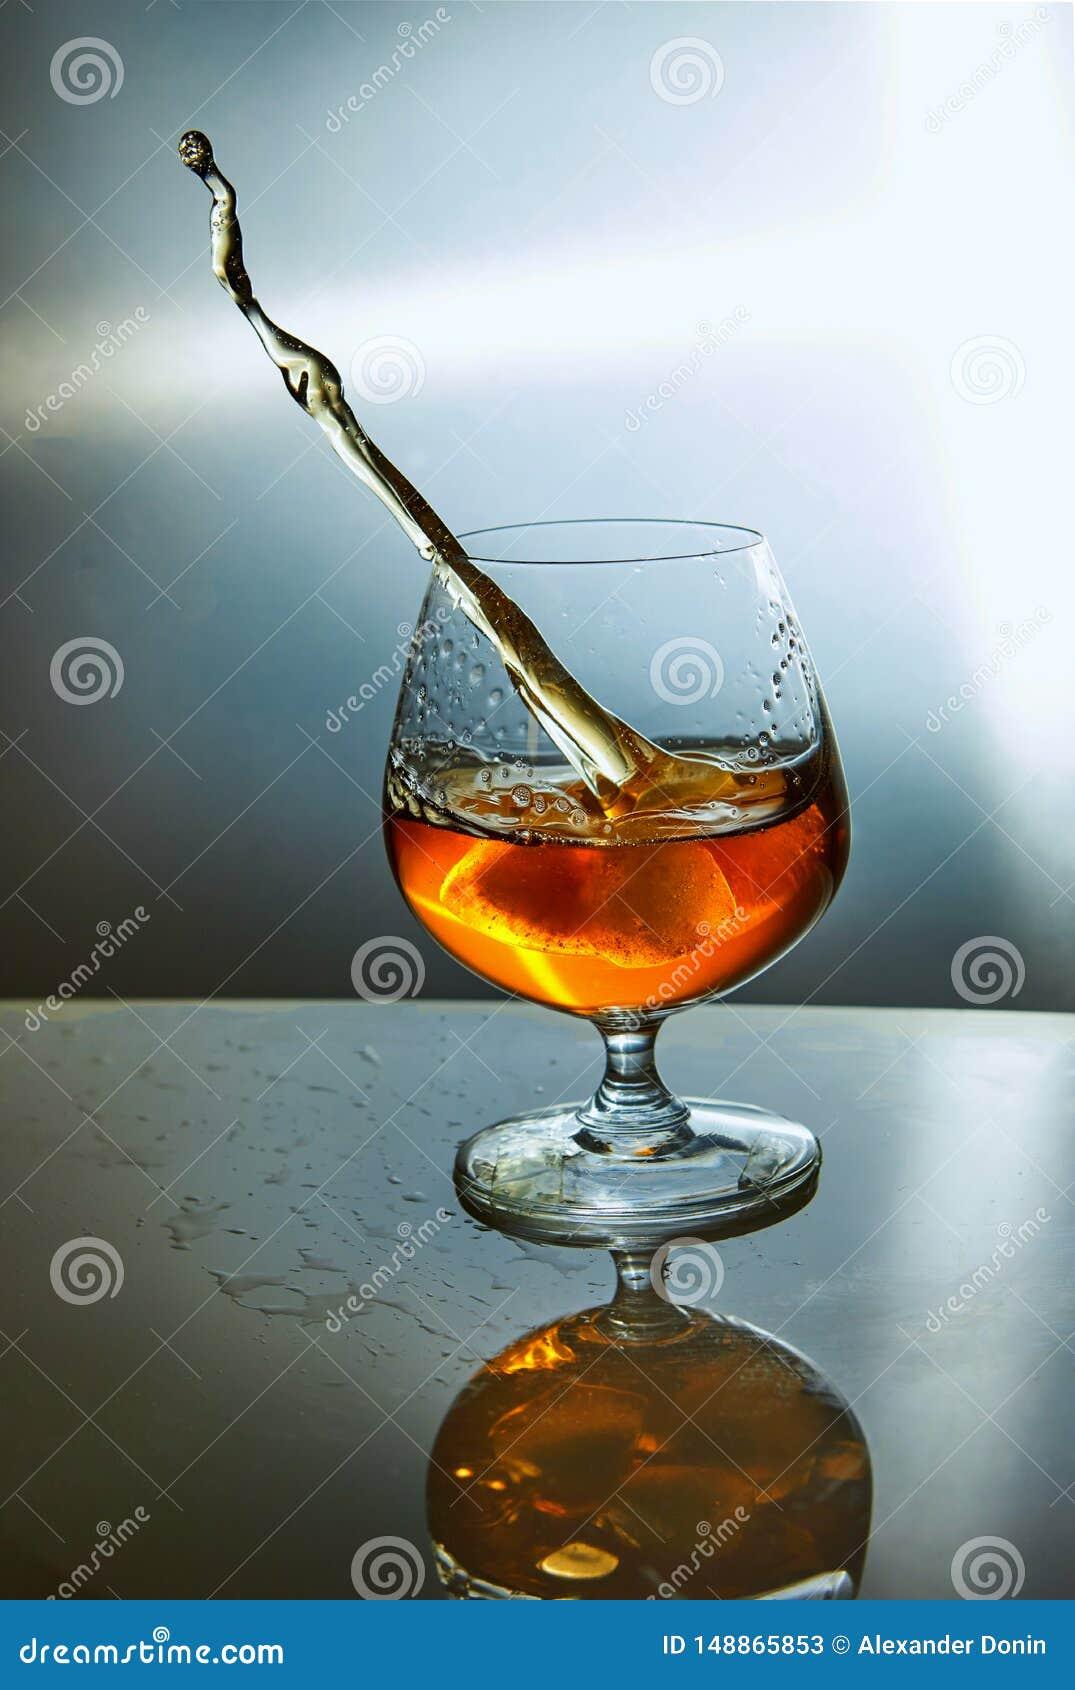 Glas Whisky mit einer Welle auf einem blauen Hintergrund